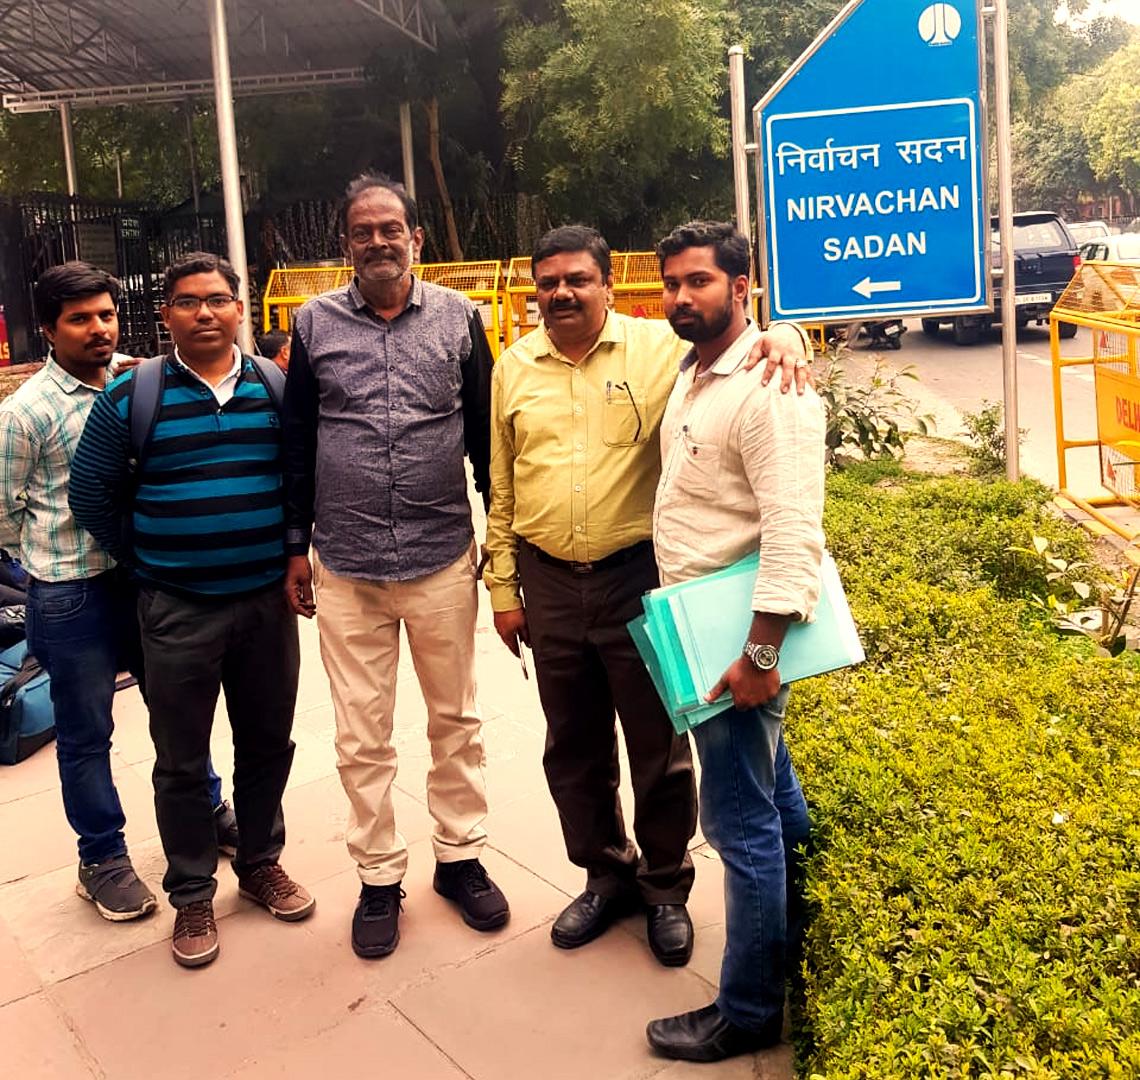 மெழுகுவர்த்திகள் சின்னம் ஒதுக்க மறுப்பு: புதிய சின்னம் வழங்கக்கோரி இந்தியத் தேர்தல் ஆணையத்திடம் நேரில் மனு